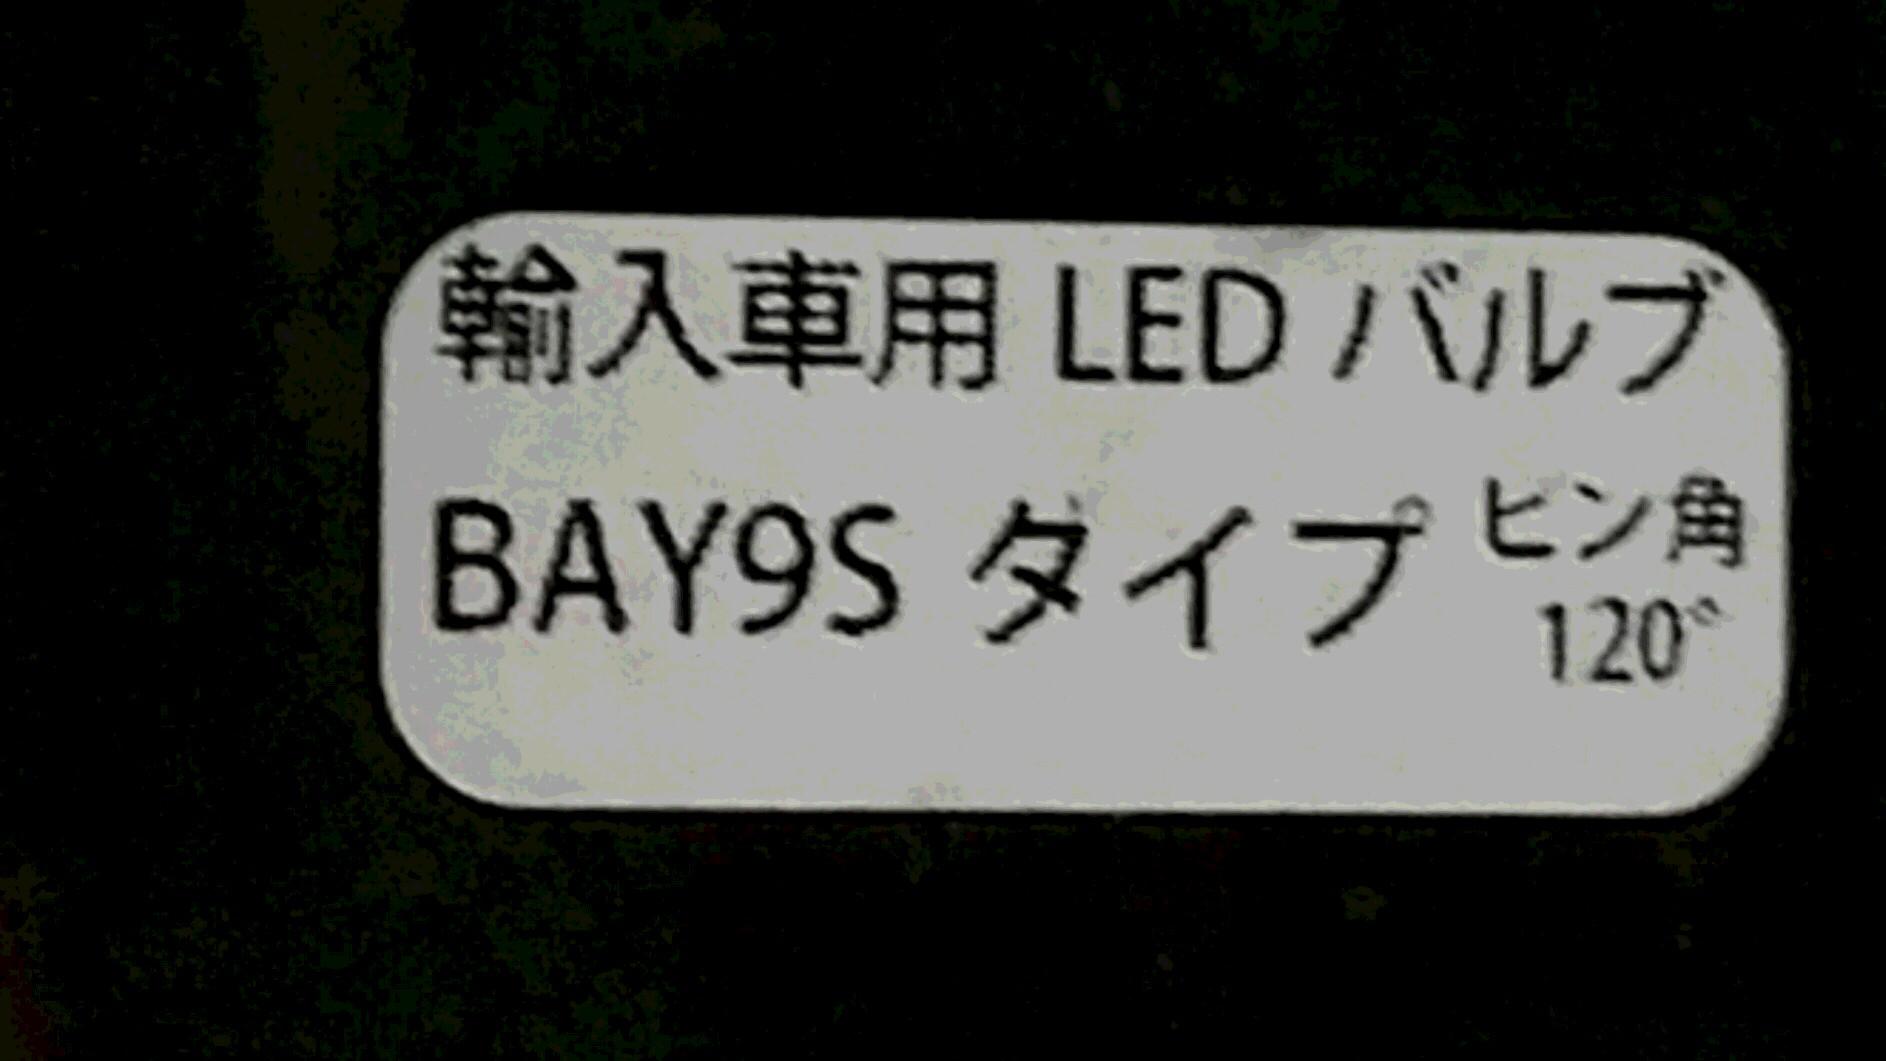 最後に残った電球 フロントウィンカーLED化